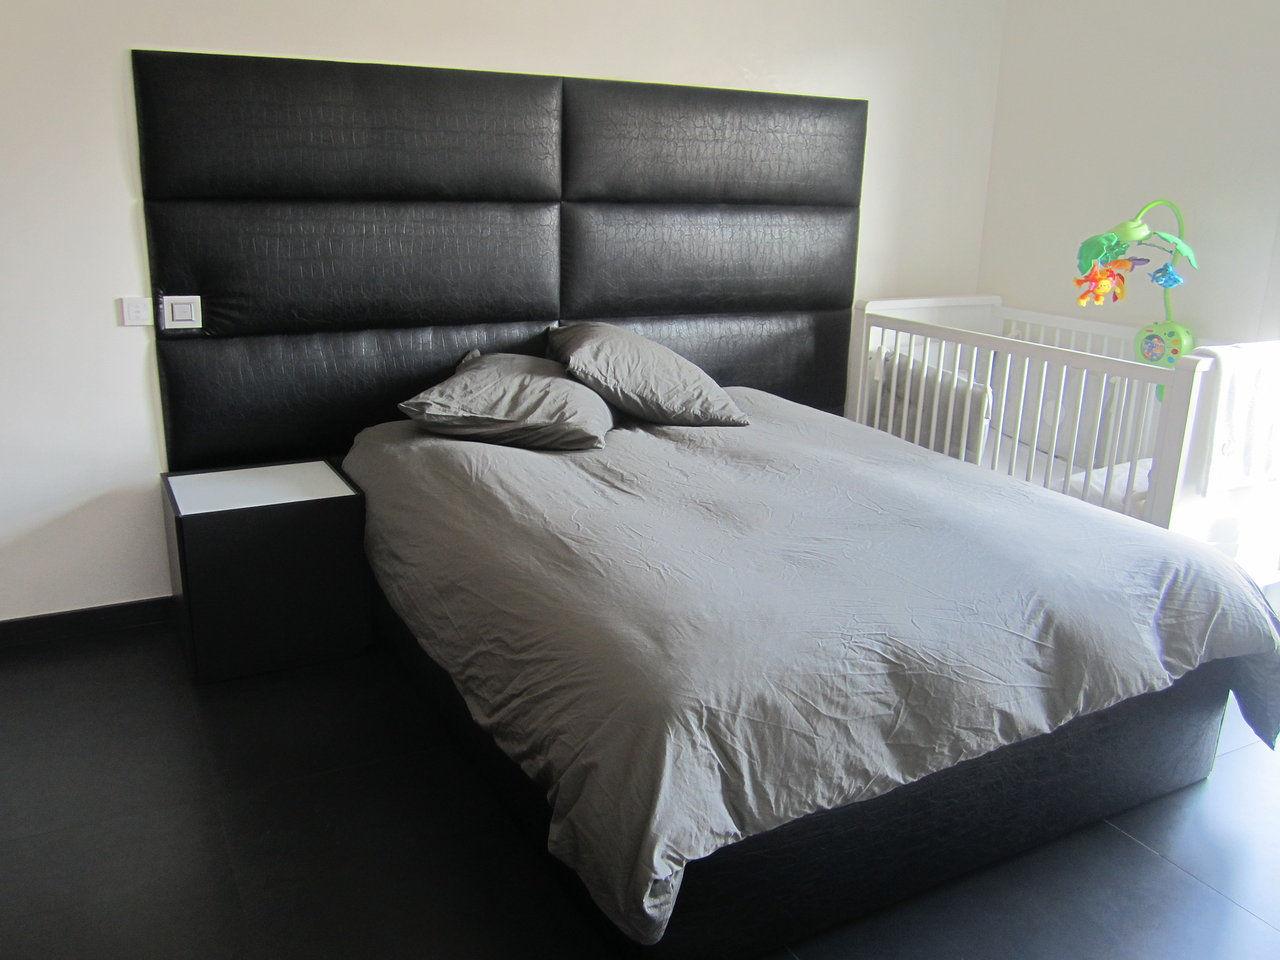 Donna design d co mur capitonn houppa cabine dj marseille - Tete de lit matelassee a passants ...